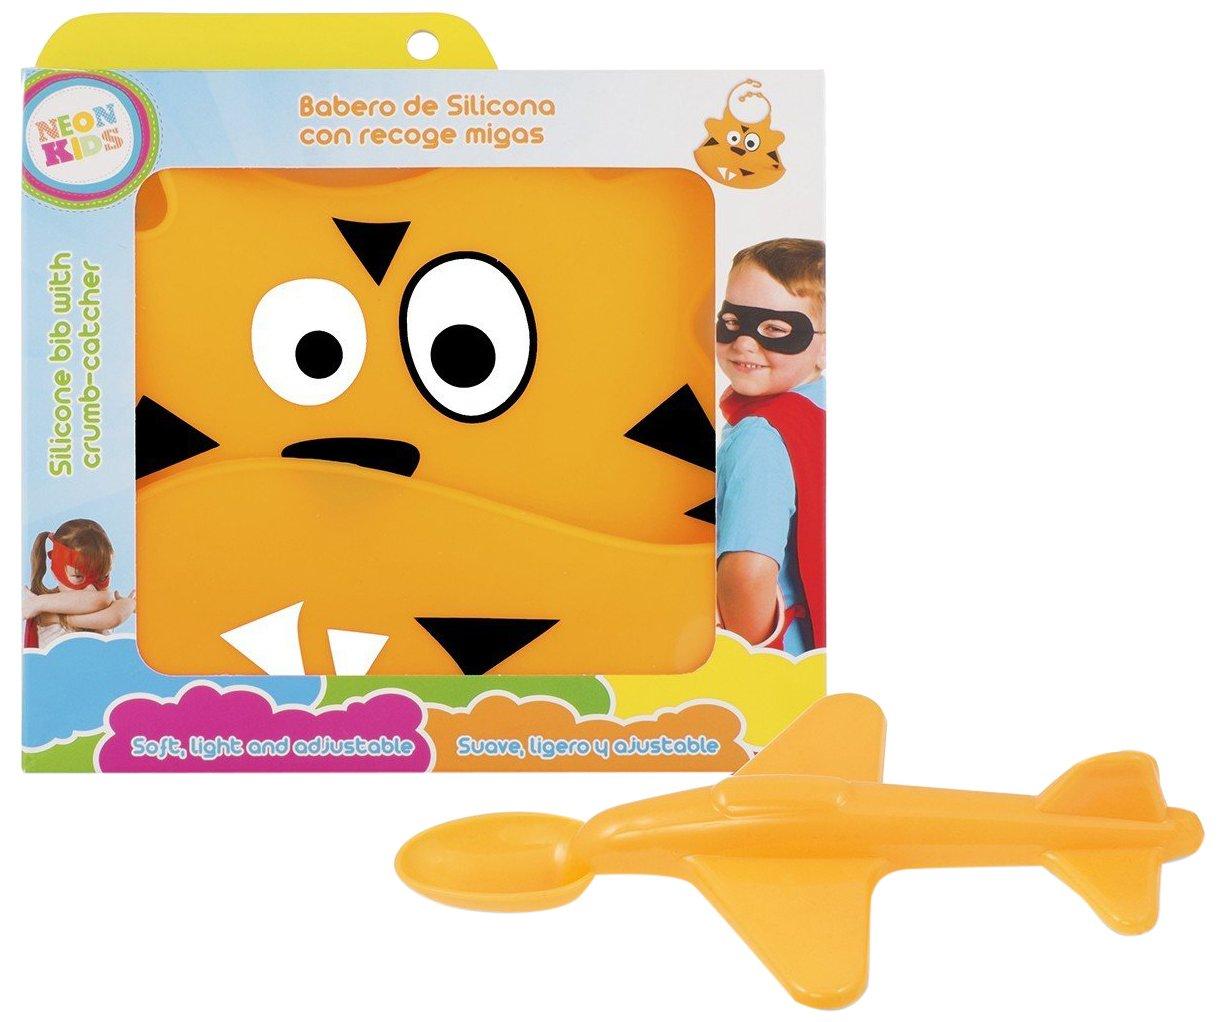 Neon Kids 4N-U9JB-7XCG Pack babero de silicona con recogemigas y cucharavi/ón color naranja